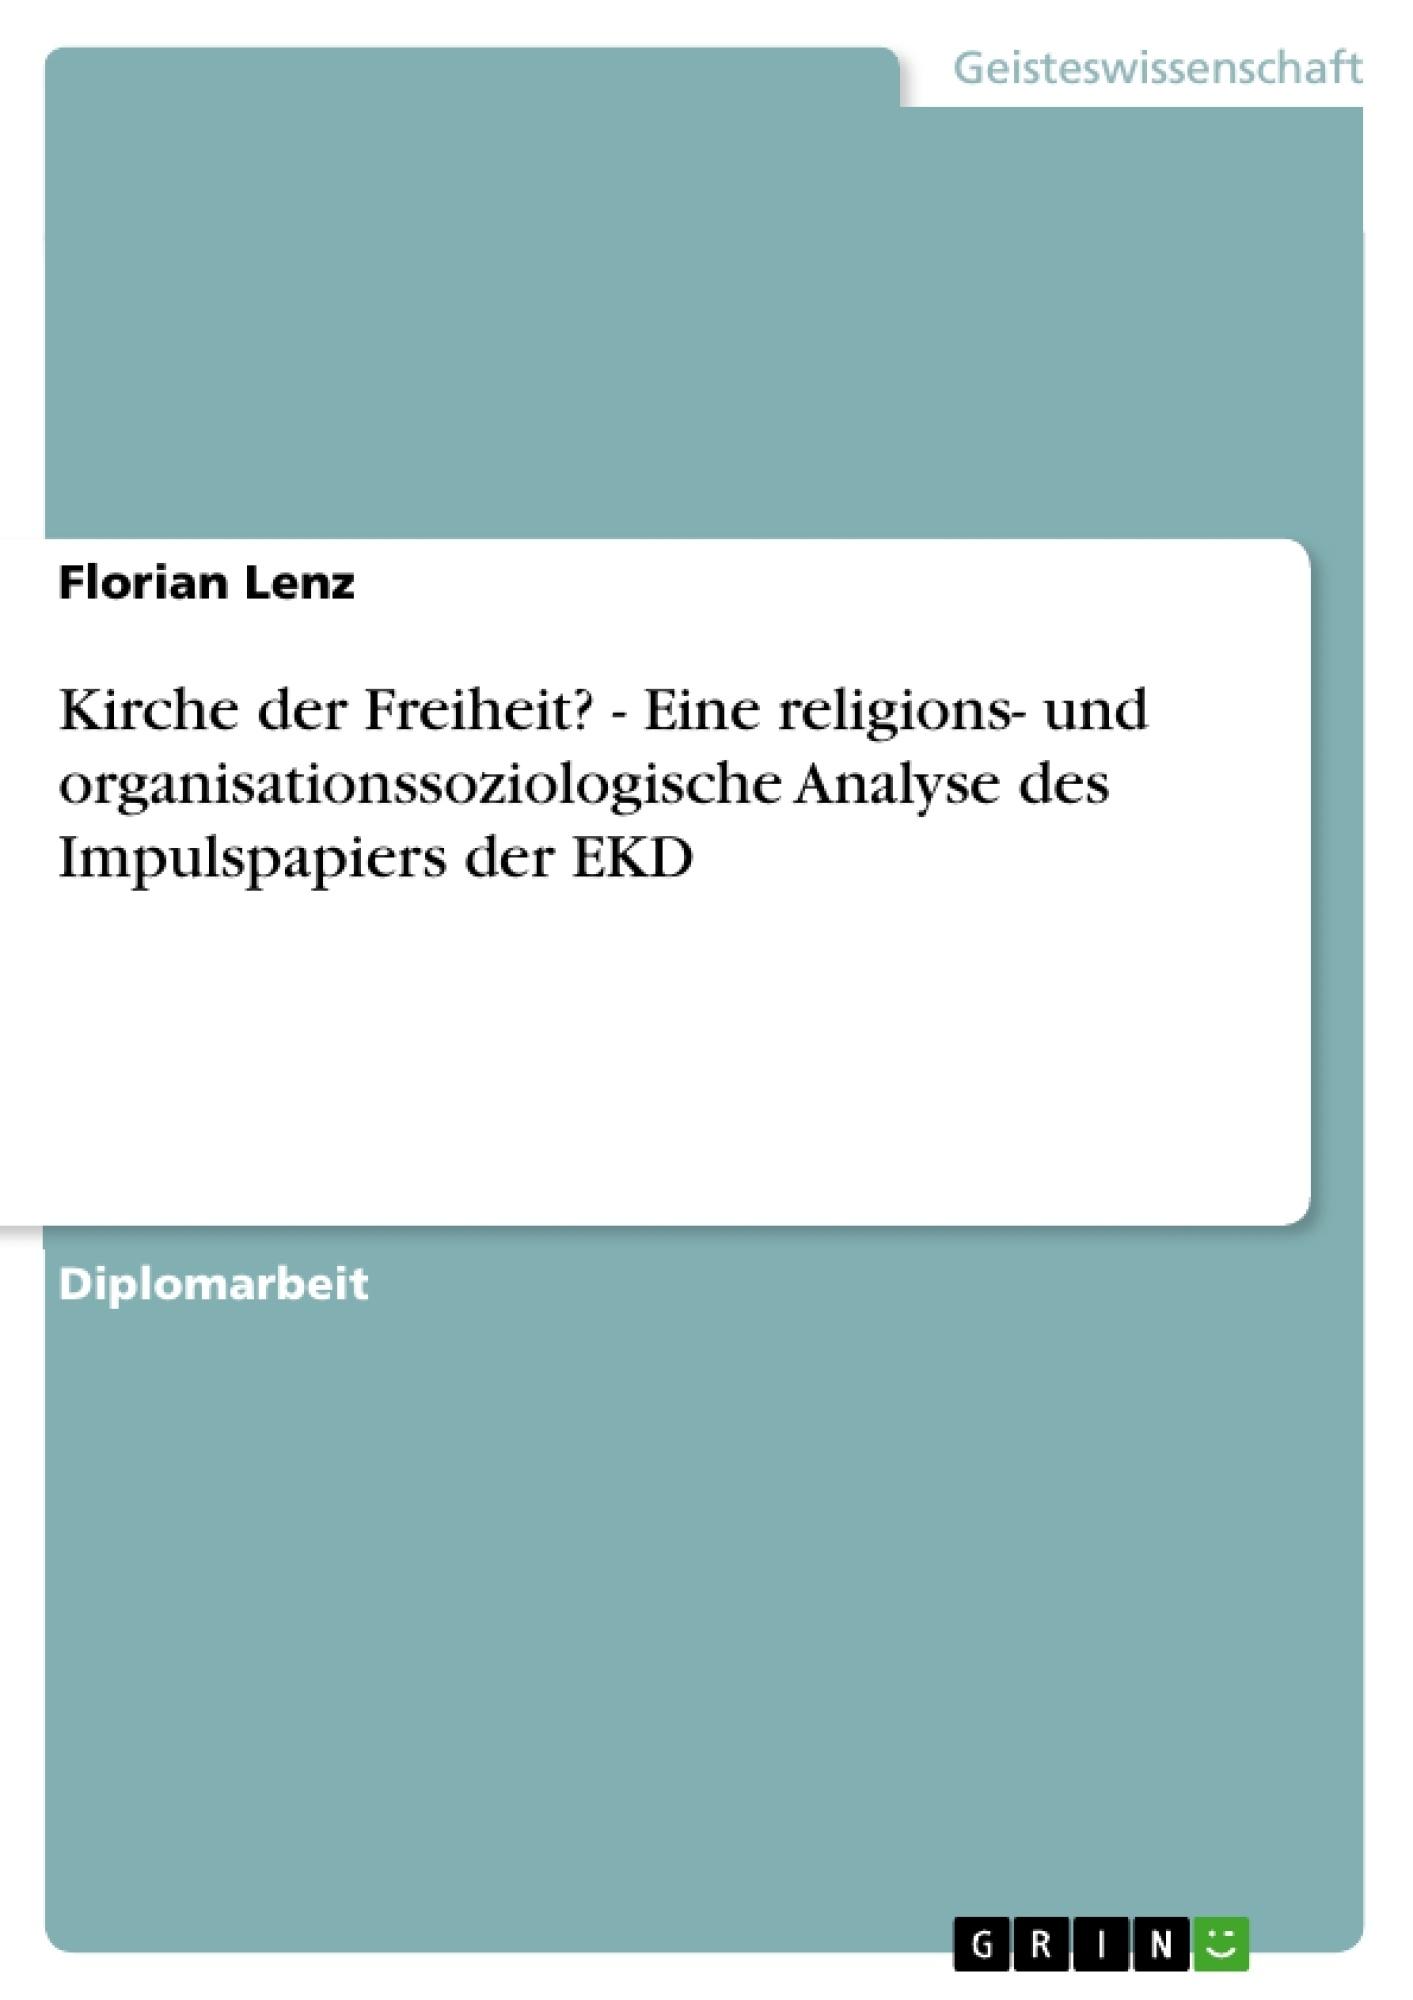 Titel: Kirche der Freiheit? - Eine religions- und organisationssoziologische Analyse des Impulspapiers der EKD